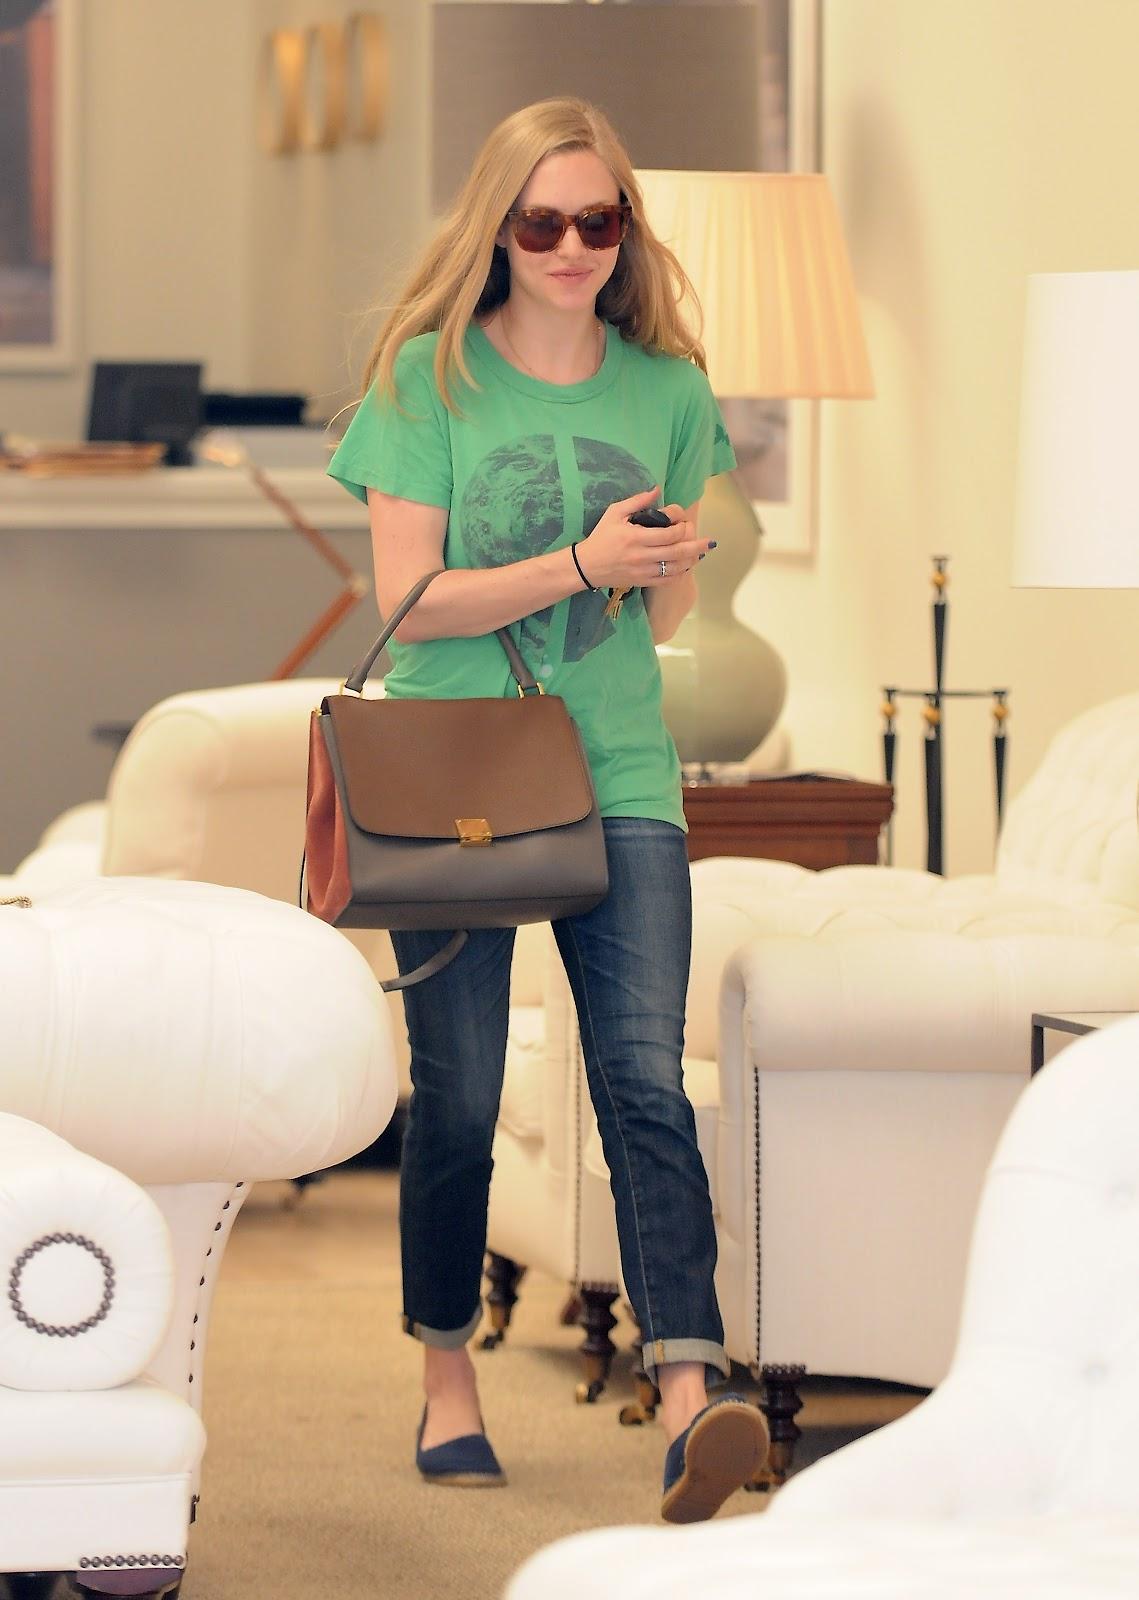 http://1.bp.blogspot.com/-89pWQt59XFM/T90Xyz3StOI/AAAAAAAAIIw/10Q7jv6CLXc/s1600/Actress+Amanda+Seyfried++at+Furniture+&+Fabrics+store+in+Los+Angeles+-09.jpg